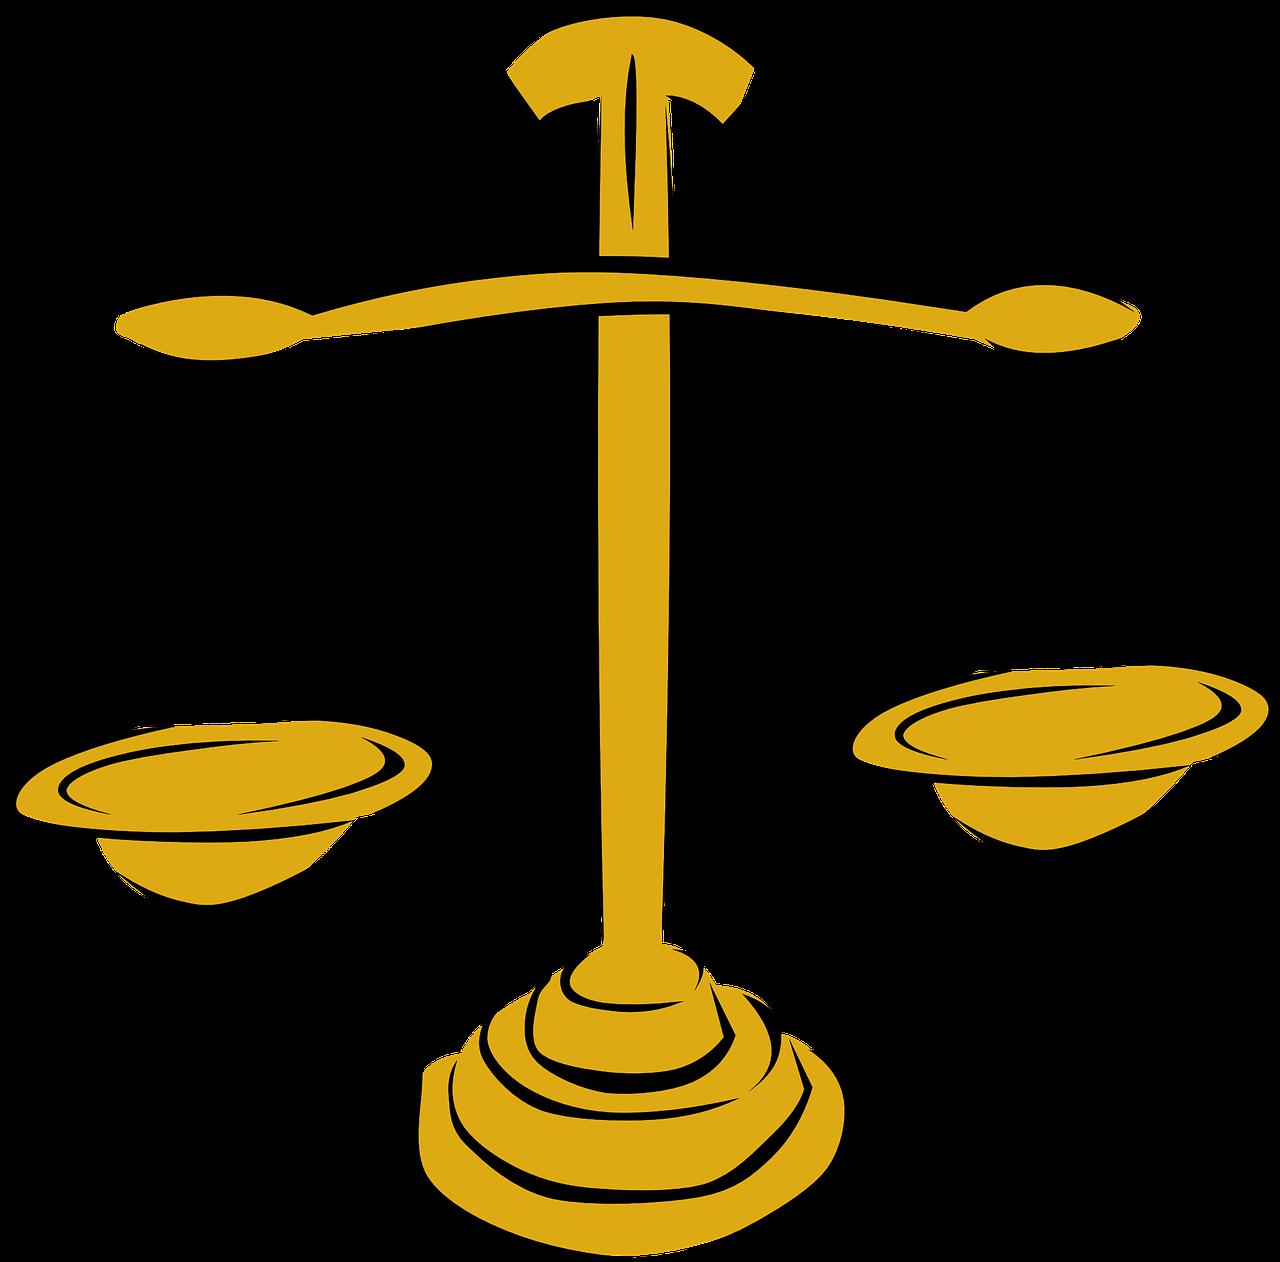 Imagen de una balanza